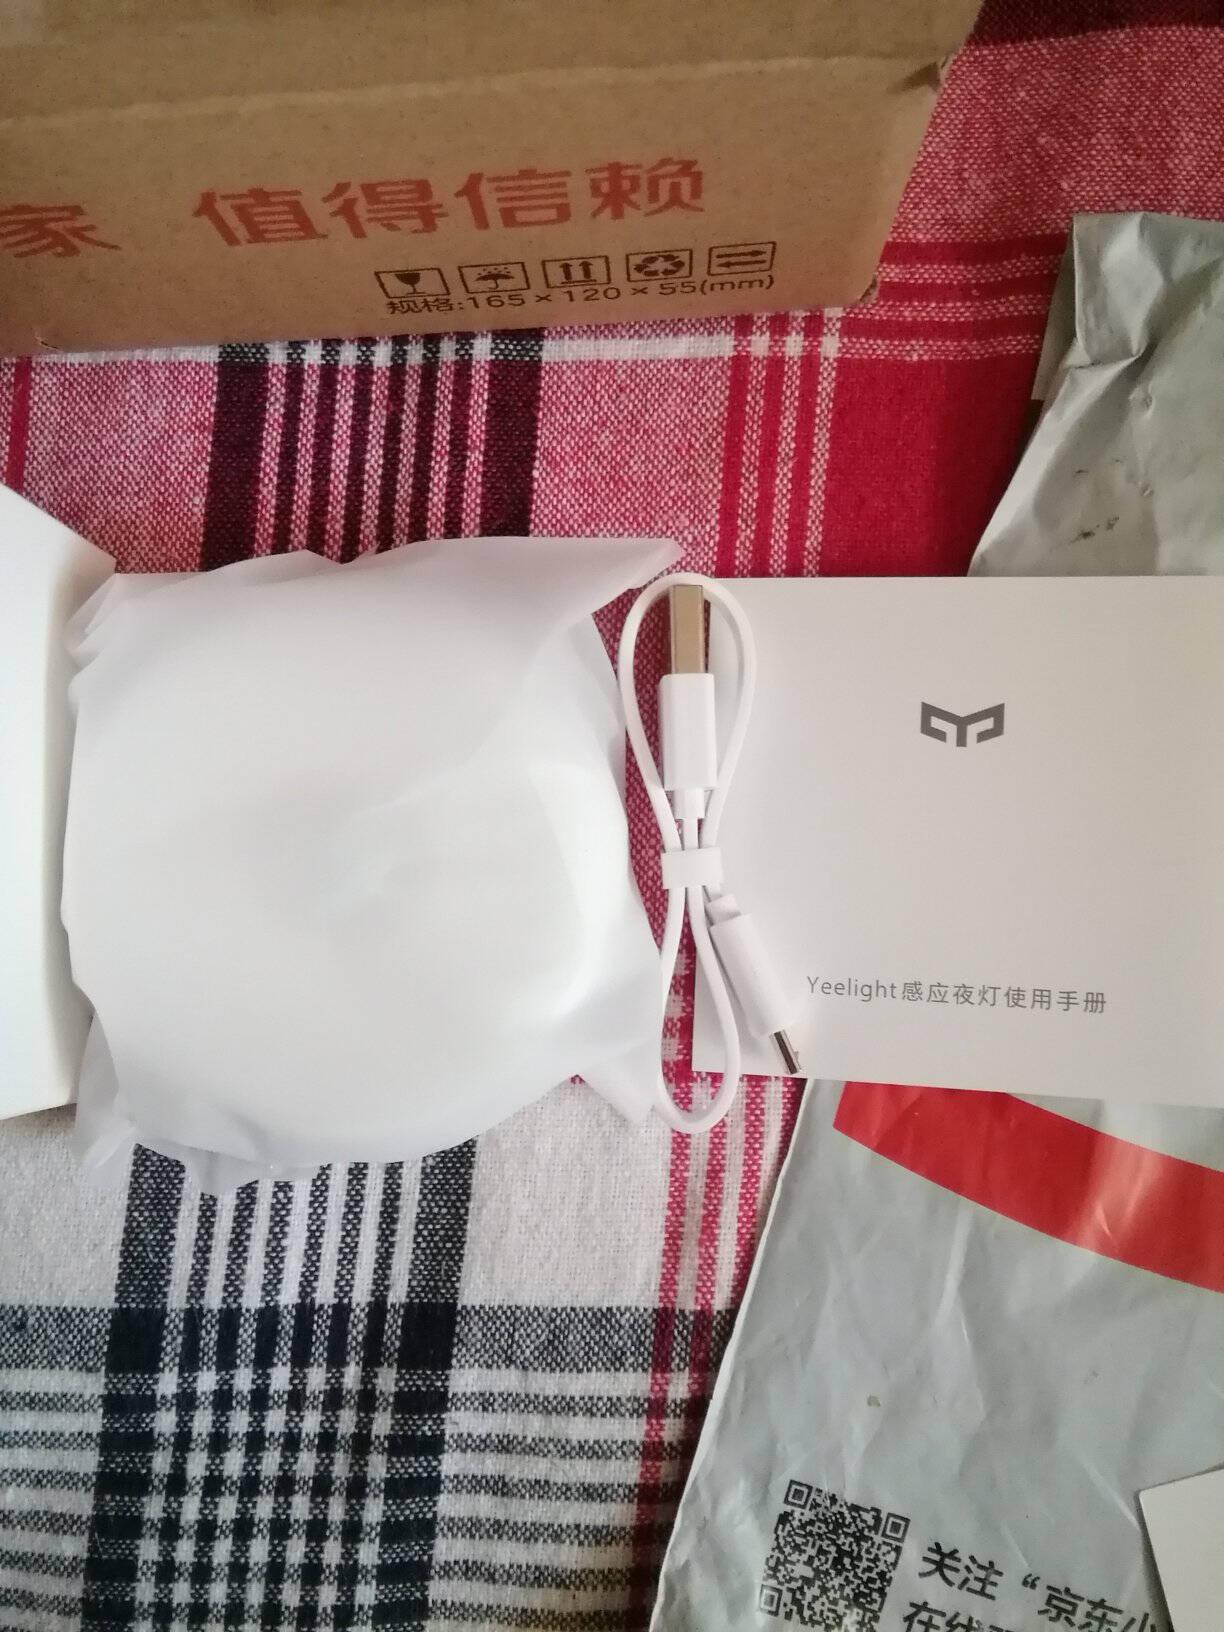 Yeelight小夜灯感应橱柜灯LED超薄款USB充电无线人体感应磁铁吸附衣柜玄关厨房婴儿喂奶灯L20黑色20cm